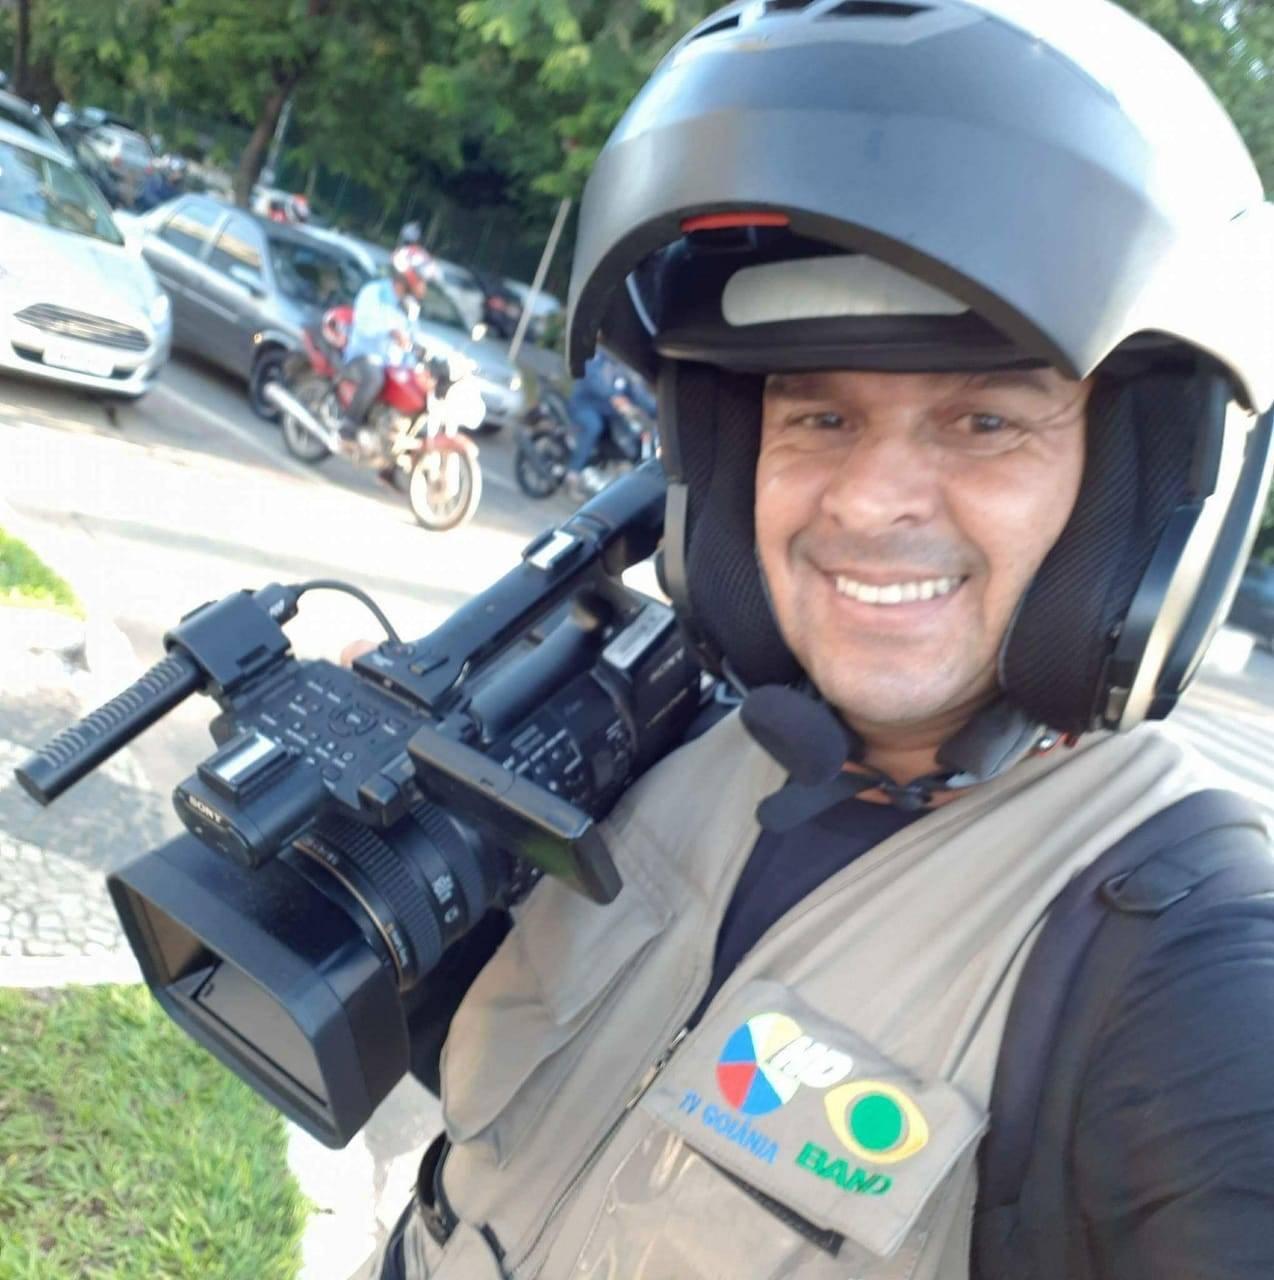 Cinegrafista Bill Guerra usa força das redes sociais a seu favor. Ele é um dos candidatos sem mandato que pode surpreender em 2018 | Foto: Arquivo Pessoal